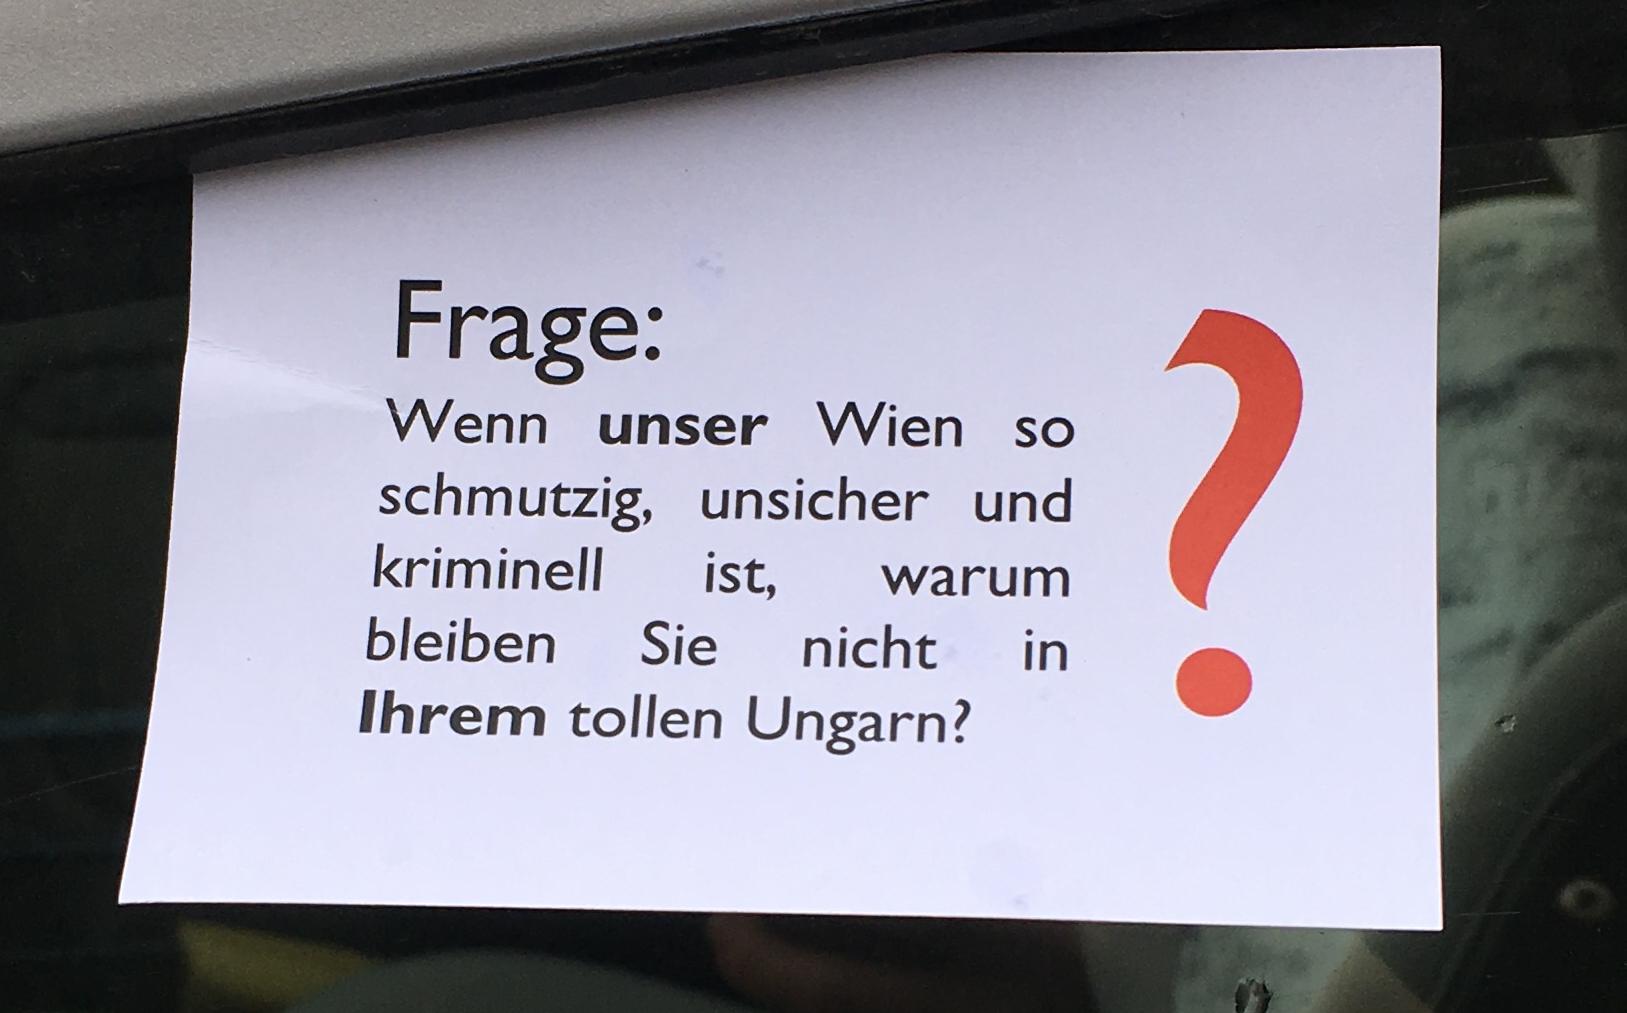 Bécsben elkezdtek cetliket kitűzni a magyar rendszámú autókra Lázár gyalázkodása miatt